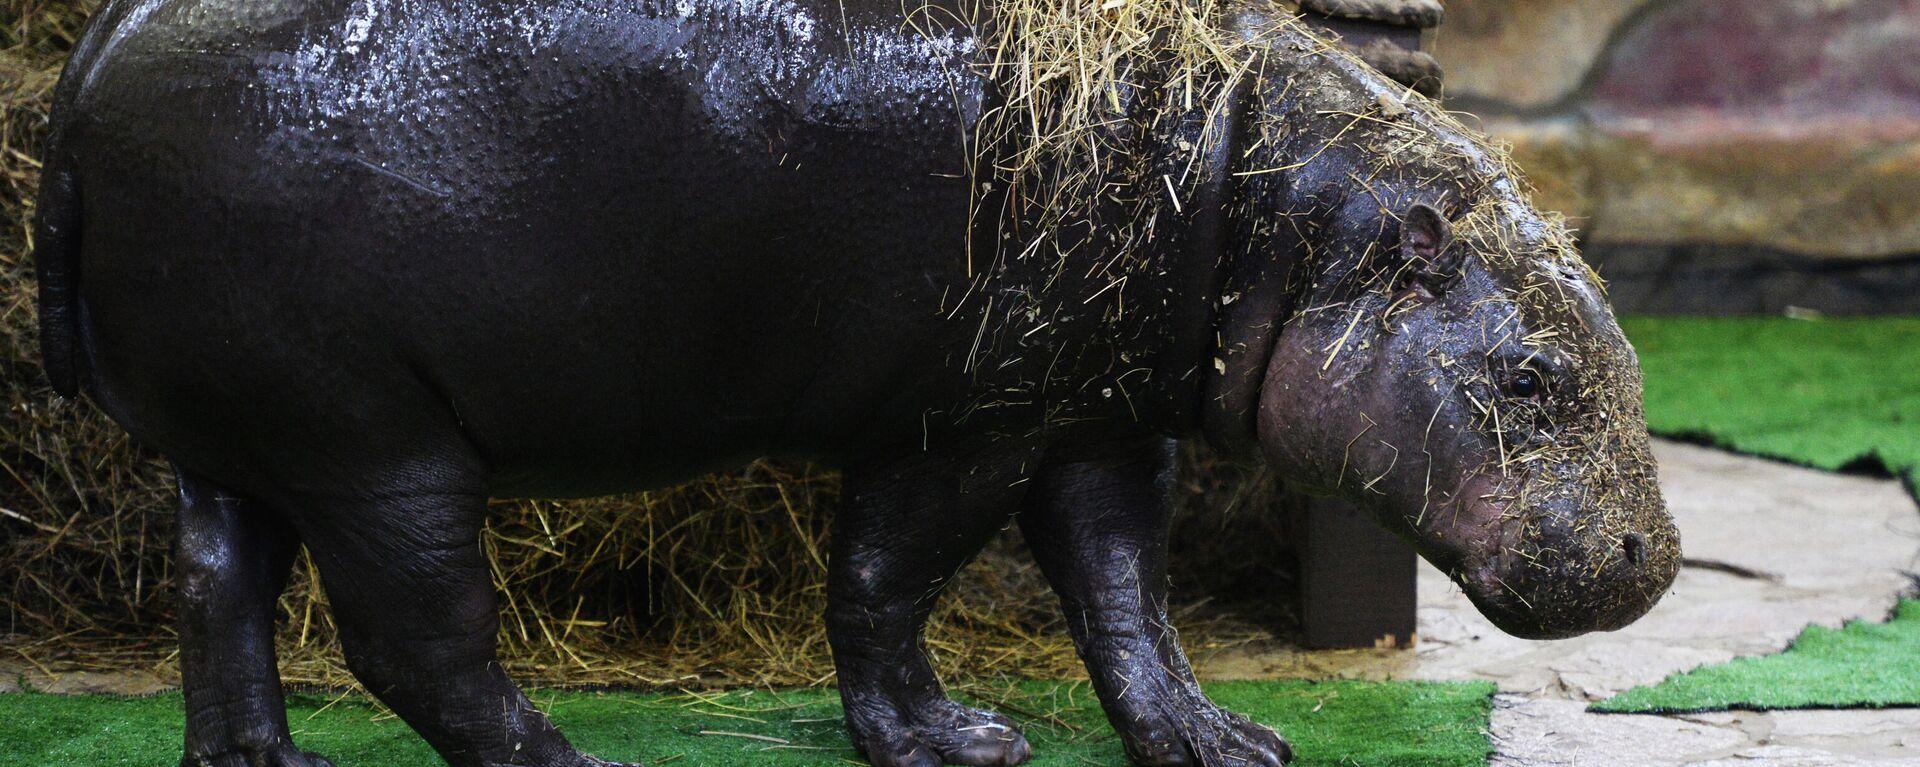 Ein Zwergflusspferd (Symbolfoto) - SNA, 1920, 11.12.2020